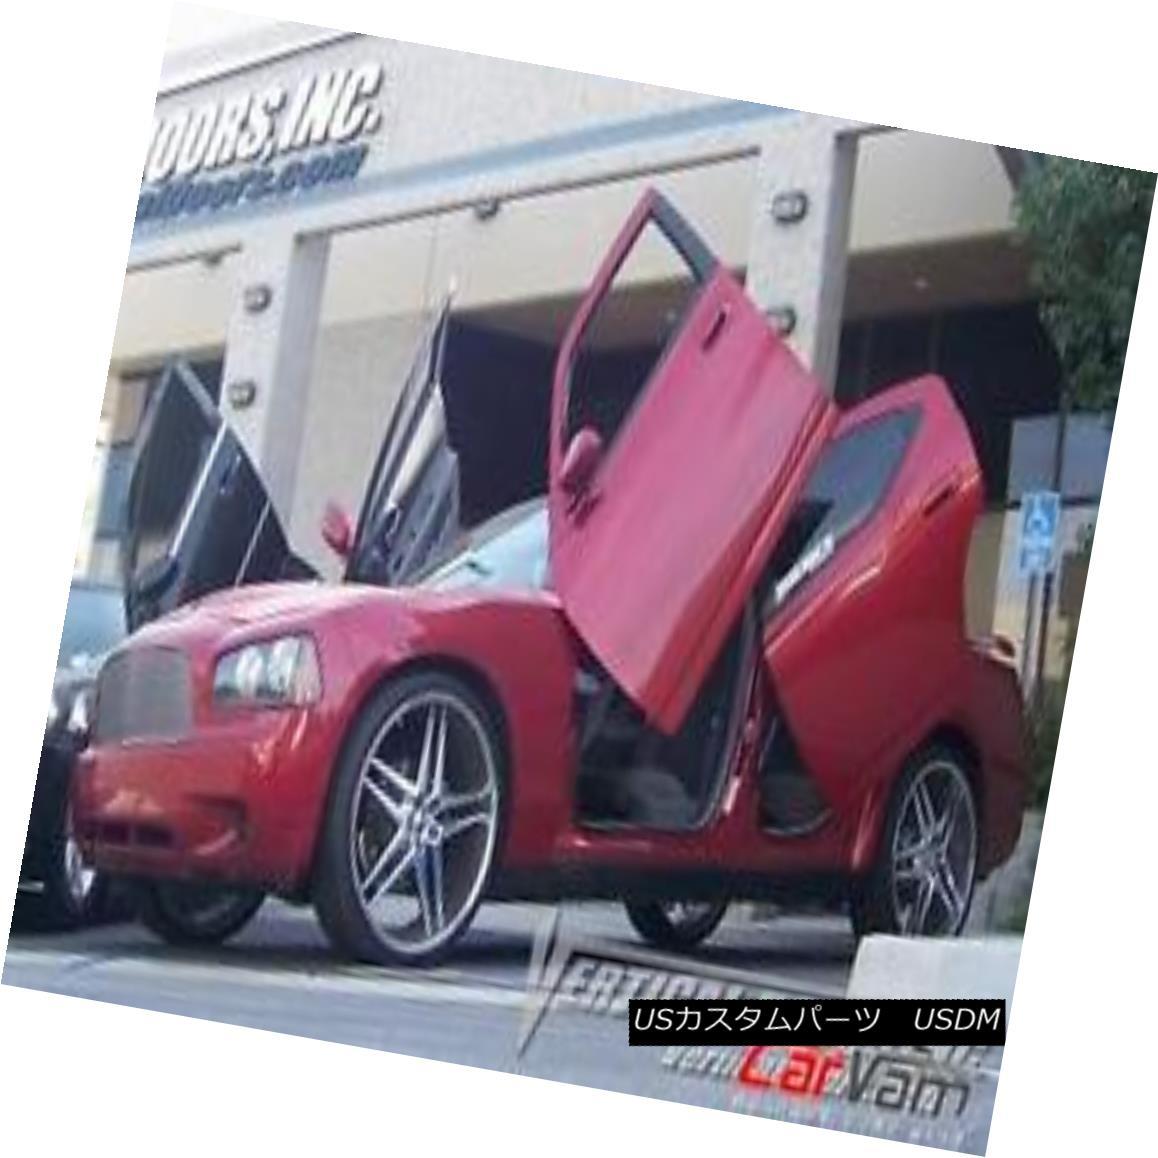 ガルウィングキット Vertical Doors - Rear Vertical Lambo Door Kit For Dodge Charger 2005-10 垂直ドア - ダッジ充電器2005-10のためのリア垂直Lamboドアキット